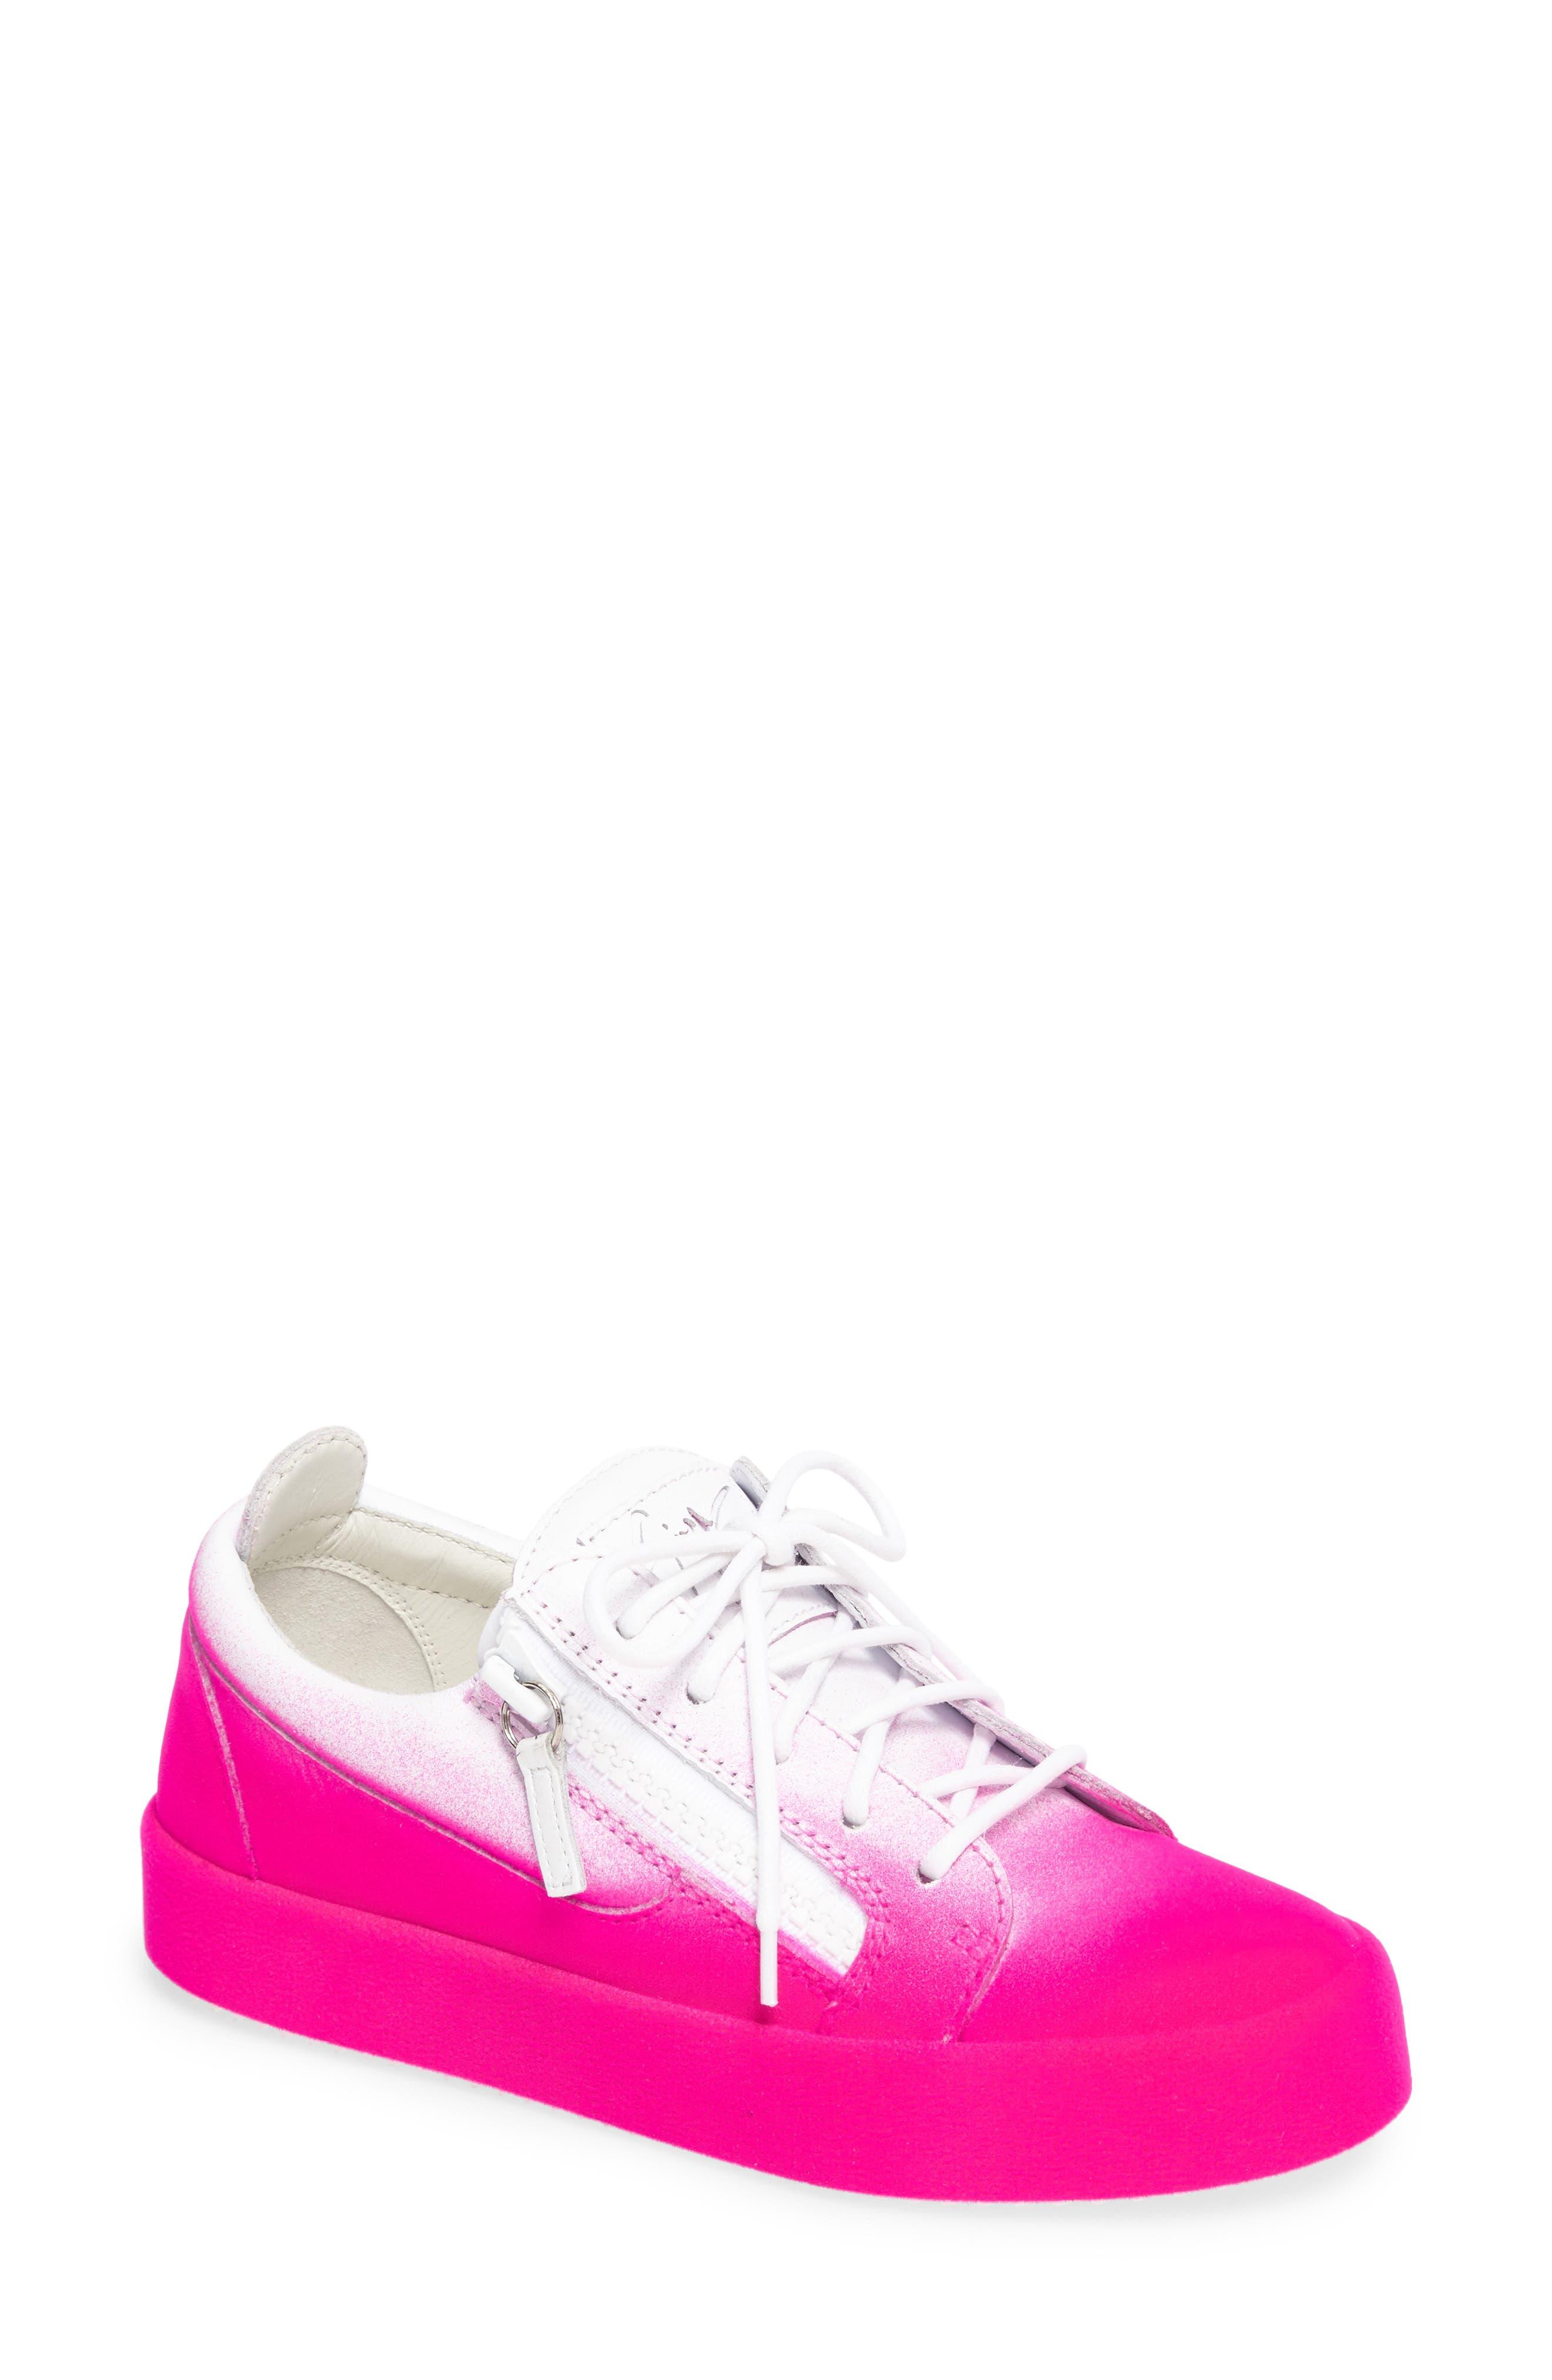 May London Low Top Sneaker,                             Main thumbnail 1, color,